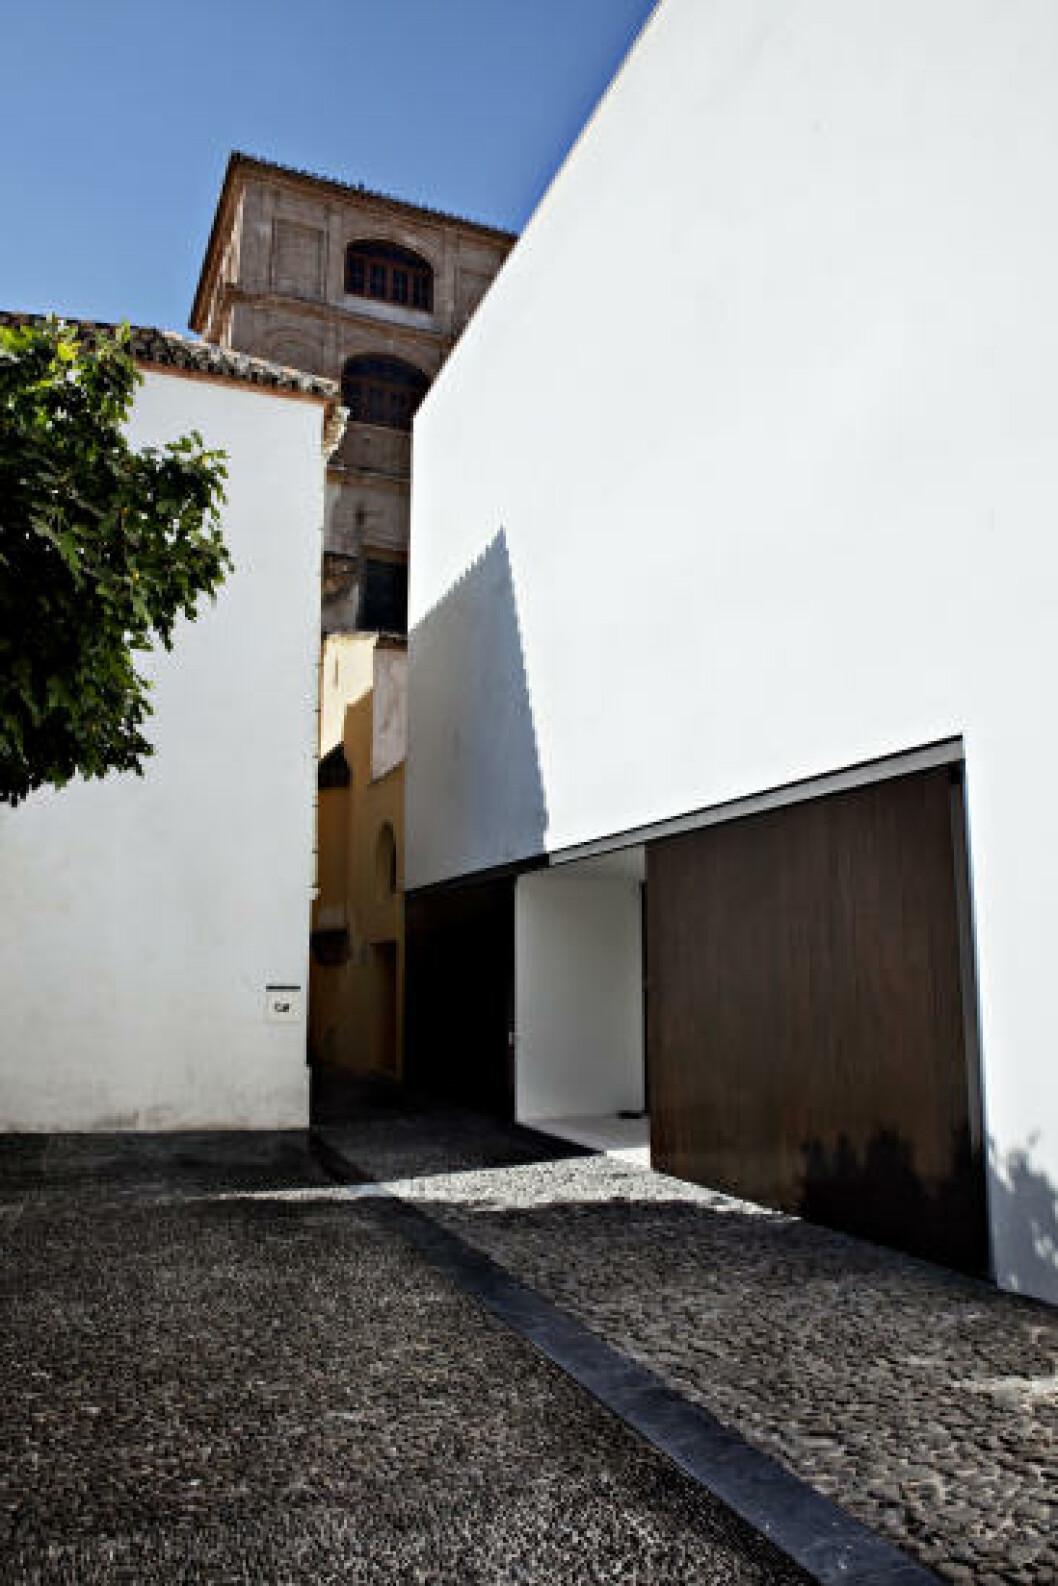 MÅLBEVISST: Kommunen har kjøpt opp ett og ett hus i gamlebyen, lagt til litt nytt, og skapt Picasso-museet. Foto: NINA HANSEN